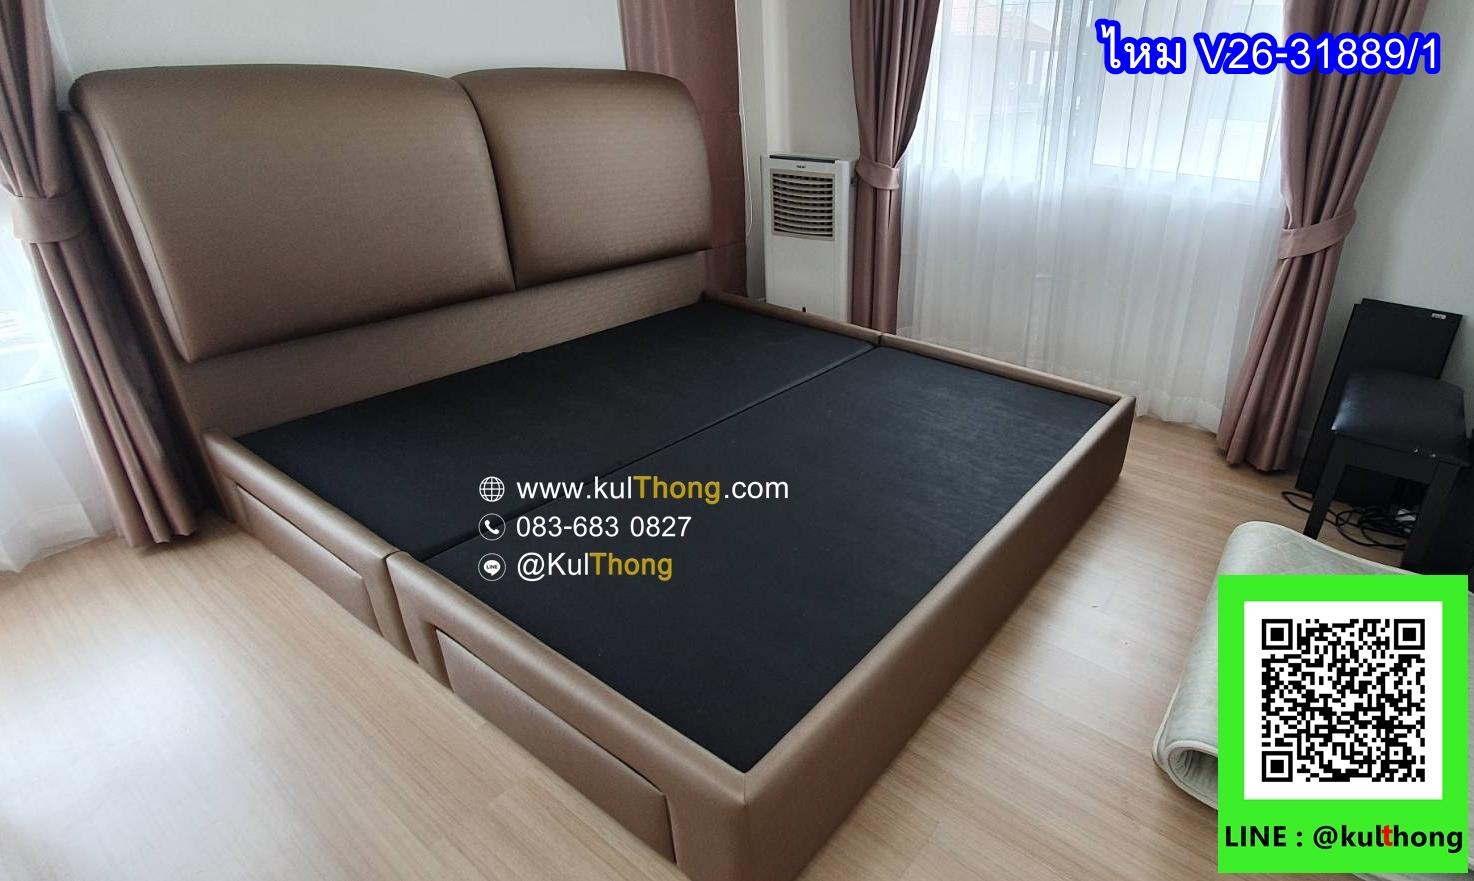 เตียงลิ้นชัก เตียงหัวหมอน เตียงหุ้มหนัง เตียงเก็บของ